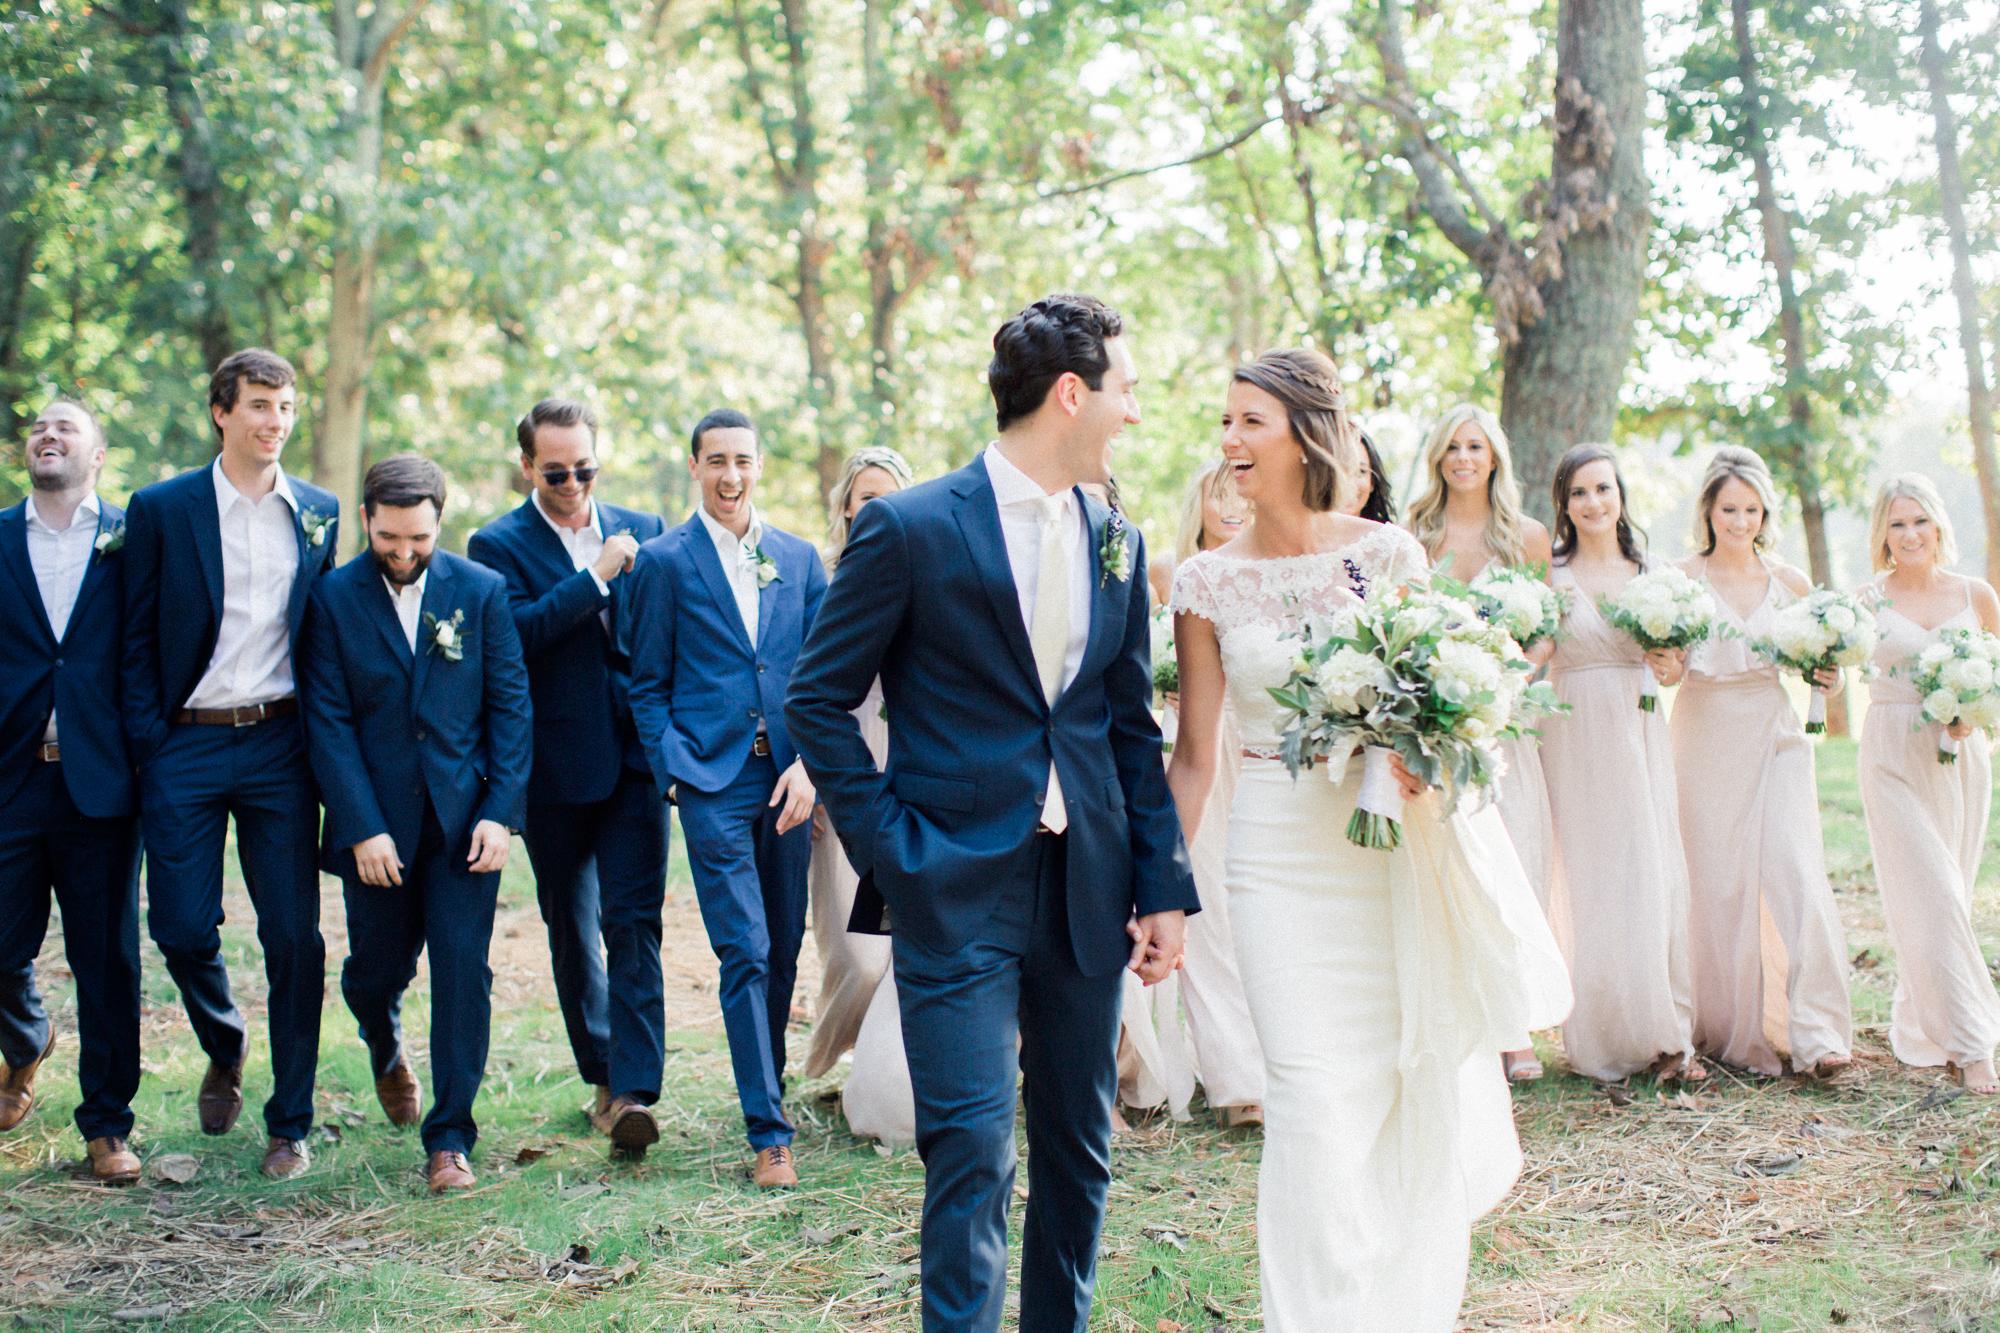 Bridal party in farmhouse wedding